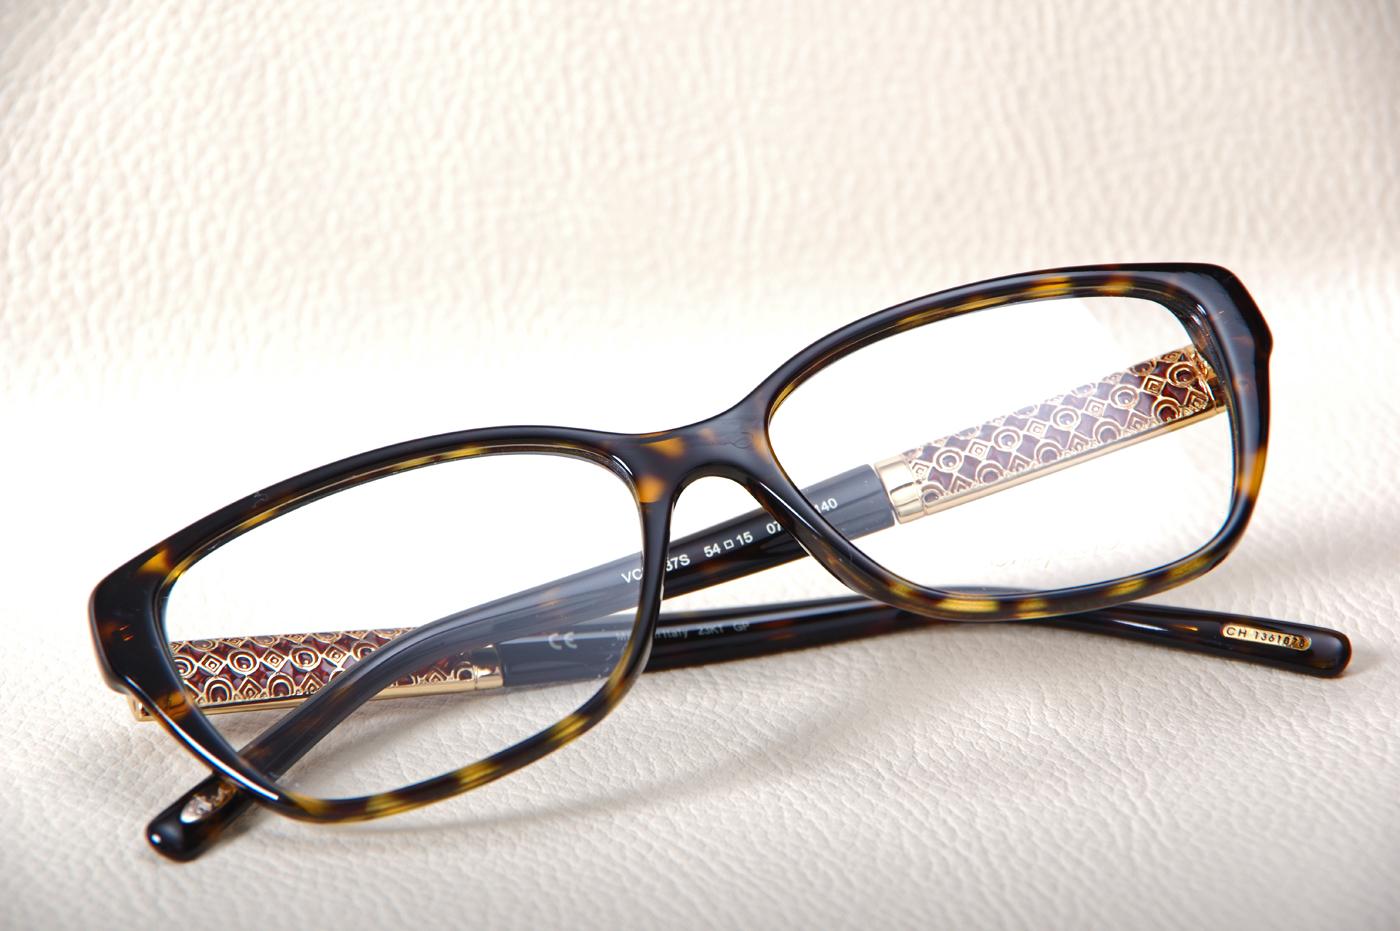 ... Commander des lunettes précieuses CHOPARD proche Rouen, 76 Réserver  votre monture de lunettes CHOPARD près de Caen, ... d460431594d8